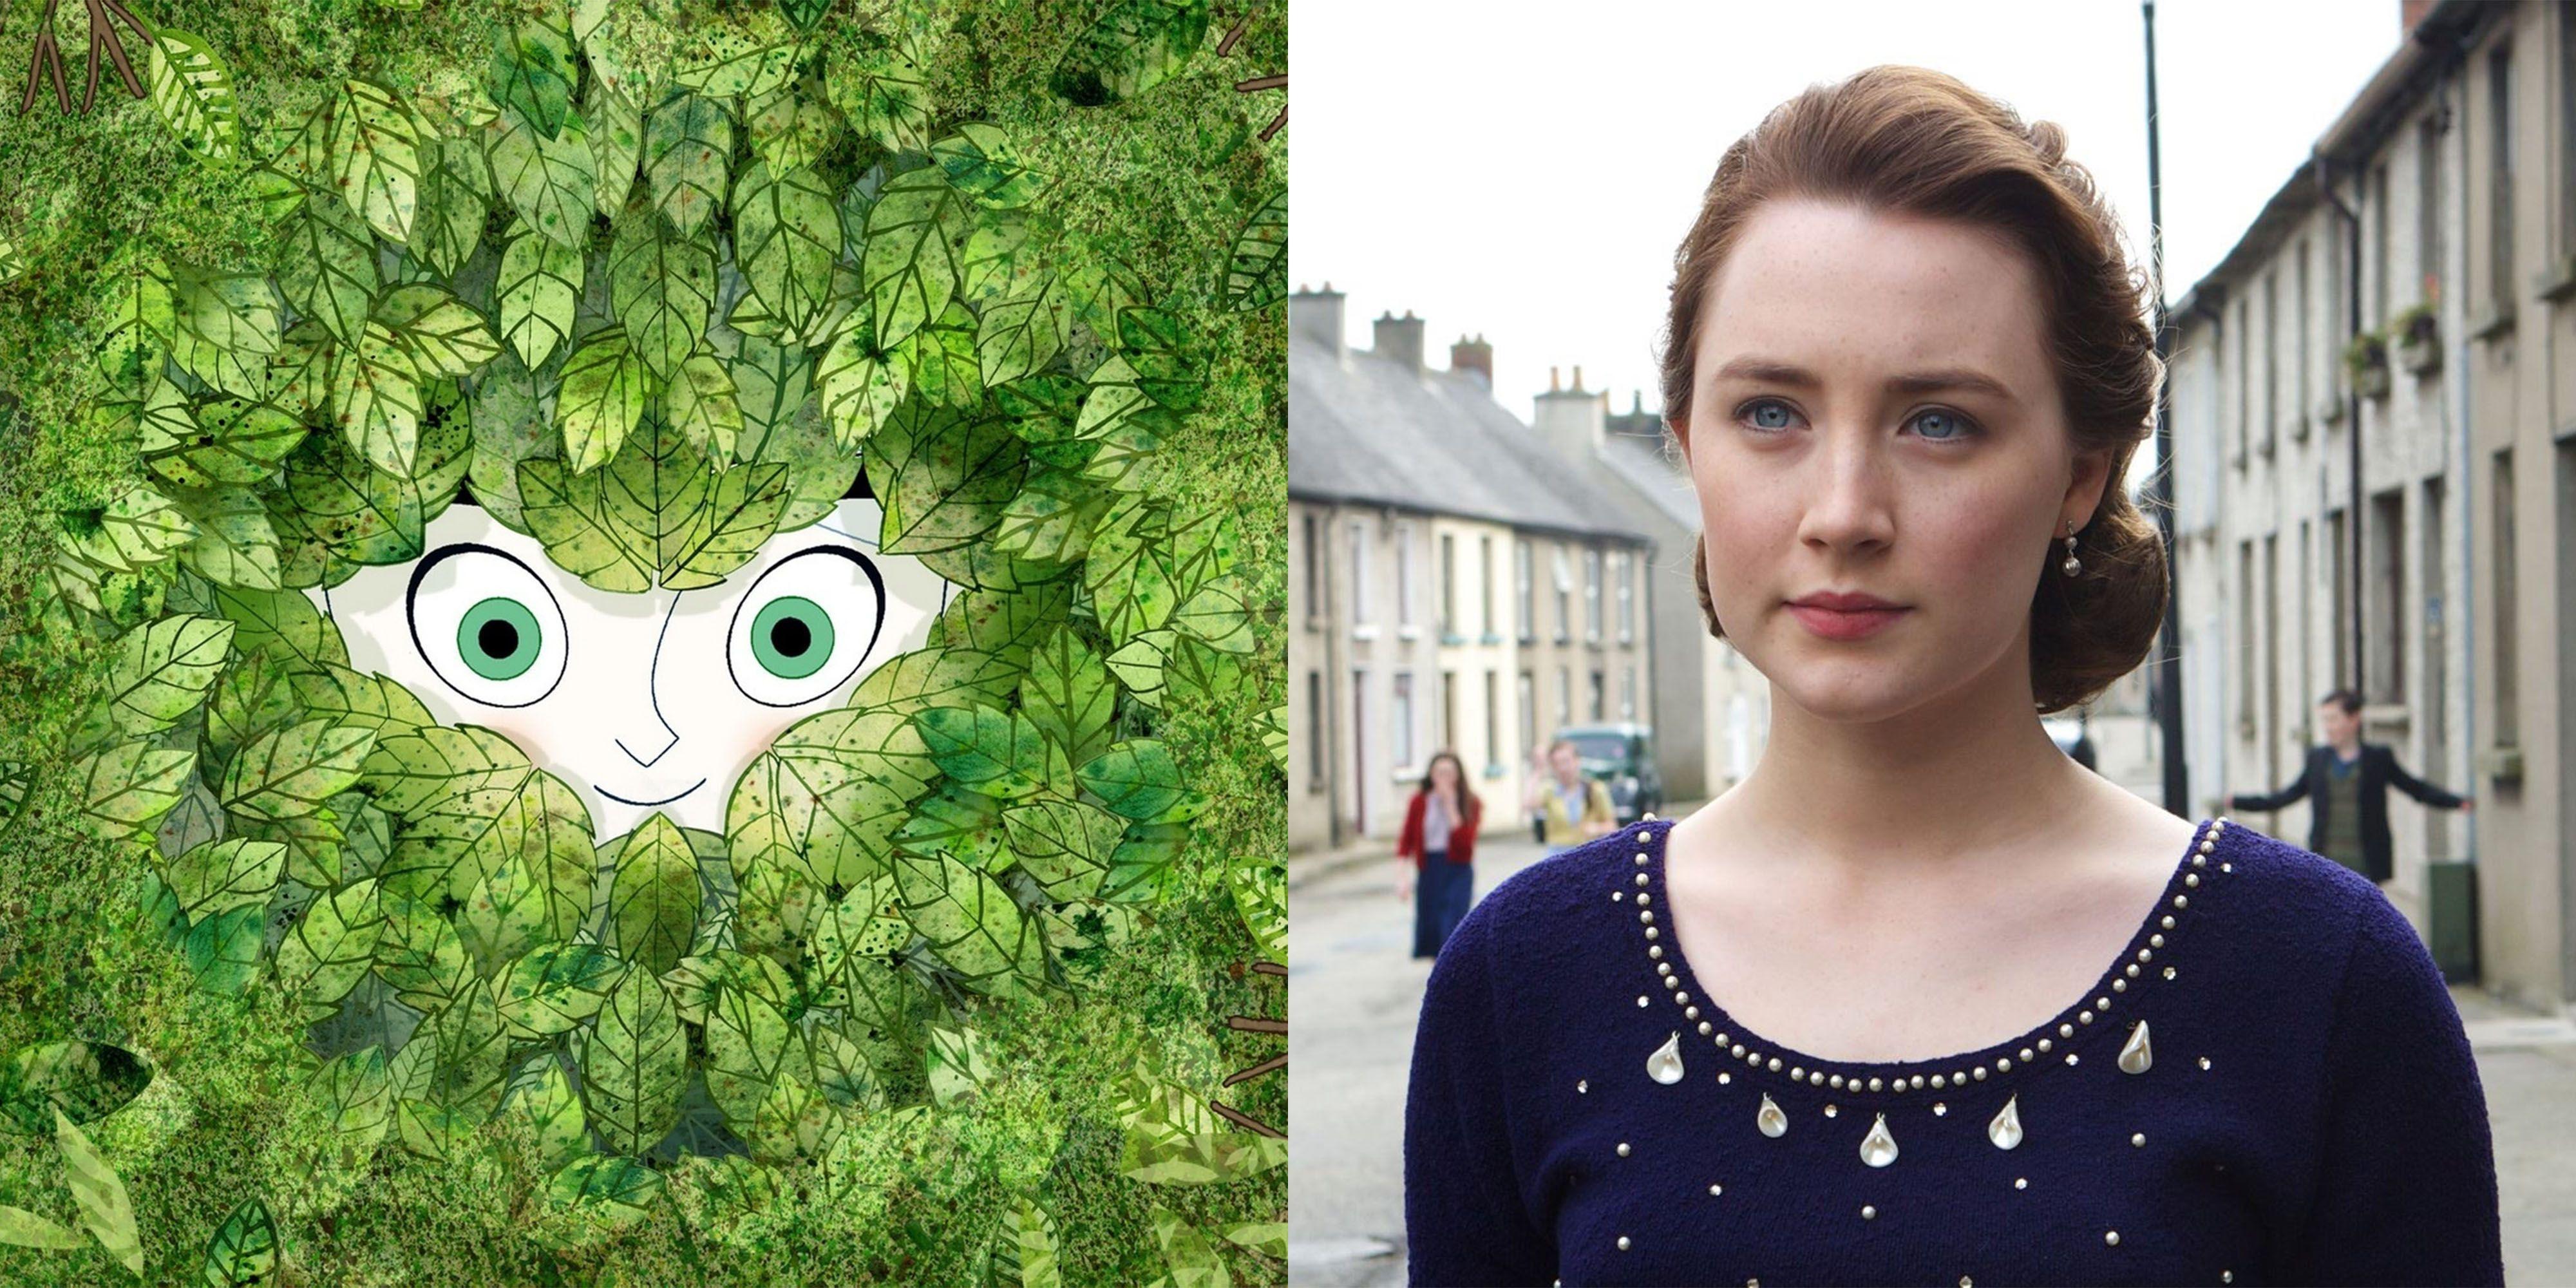 14 Irish Movies That Will Put You in the St. Patrick's Day Spirit Year-Round